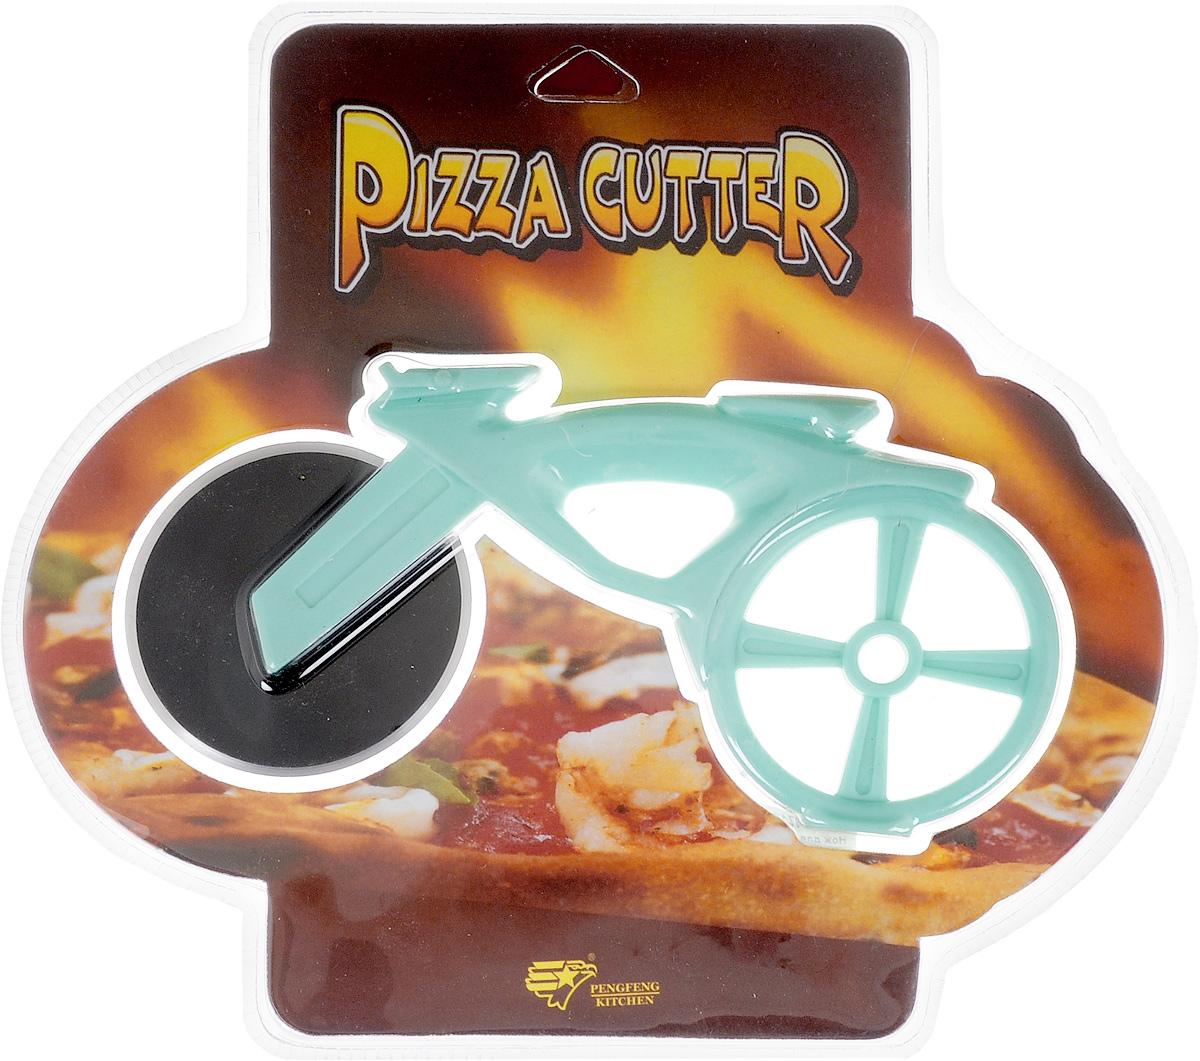 Нож для пиццы Empire of dishes Велосипед, цвет: голубойIM99-4716/1Корпус ножа для пиццы Empire of dishes Велосипед выполнен из пищевого пластика, лезвие, выполняющее функцию колеса, из высококачественной стали. Использование этого приспособления позволит равномерно и аккуратно разрезать пиццу на кусочки. Диаметр лезвия: 6,5 см. Общий размер ножа: 17 х 7,5 х 2 см.